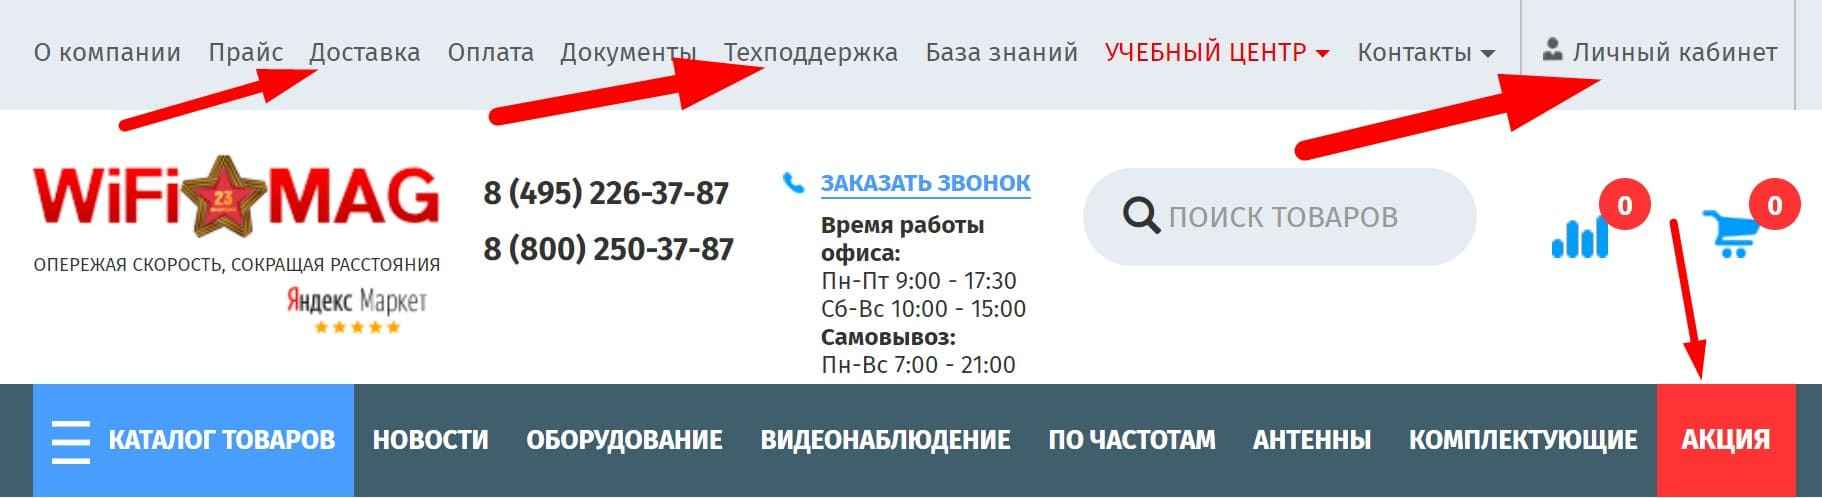 WiFiMag личный кабинет